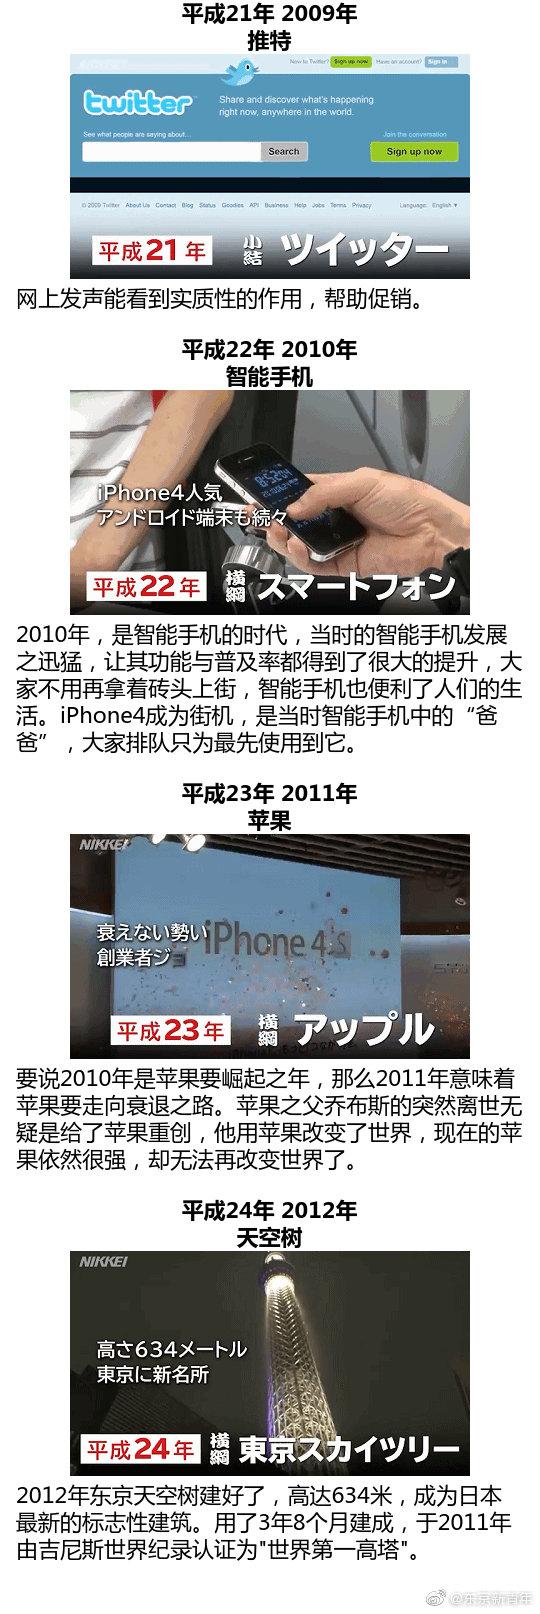 年 平成 2011